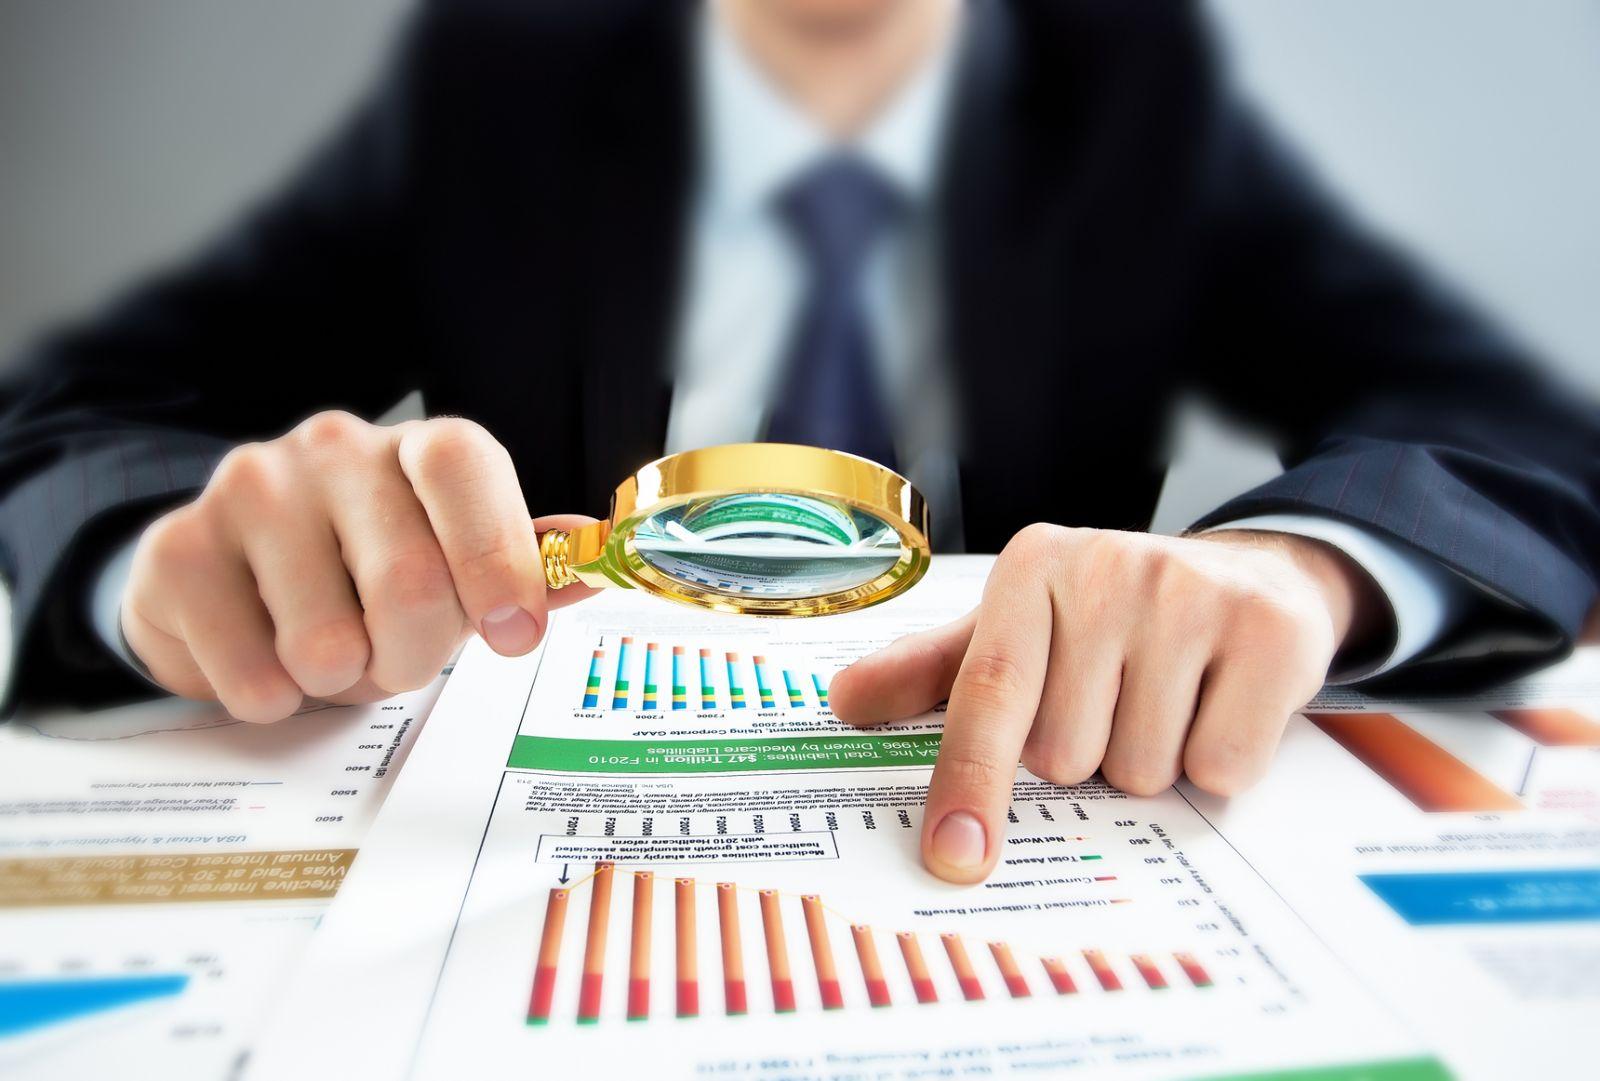 Нацбанк начнет подготовку к проведению оценки банковских активов